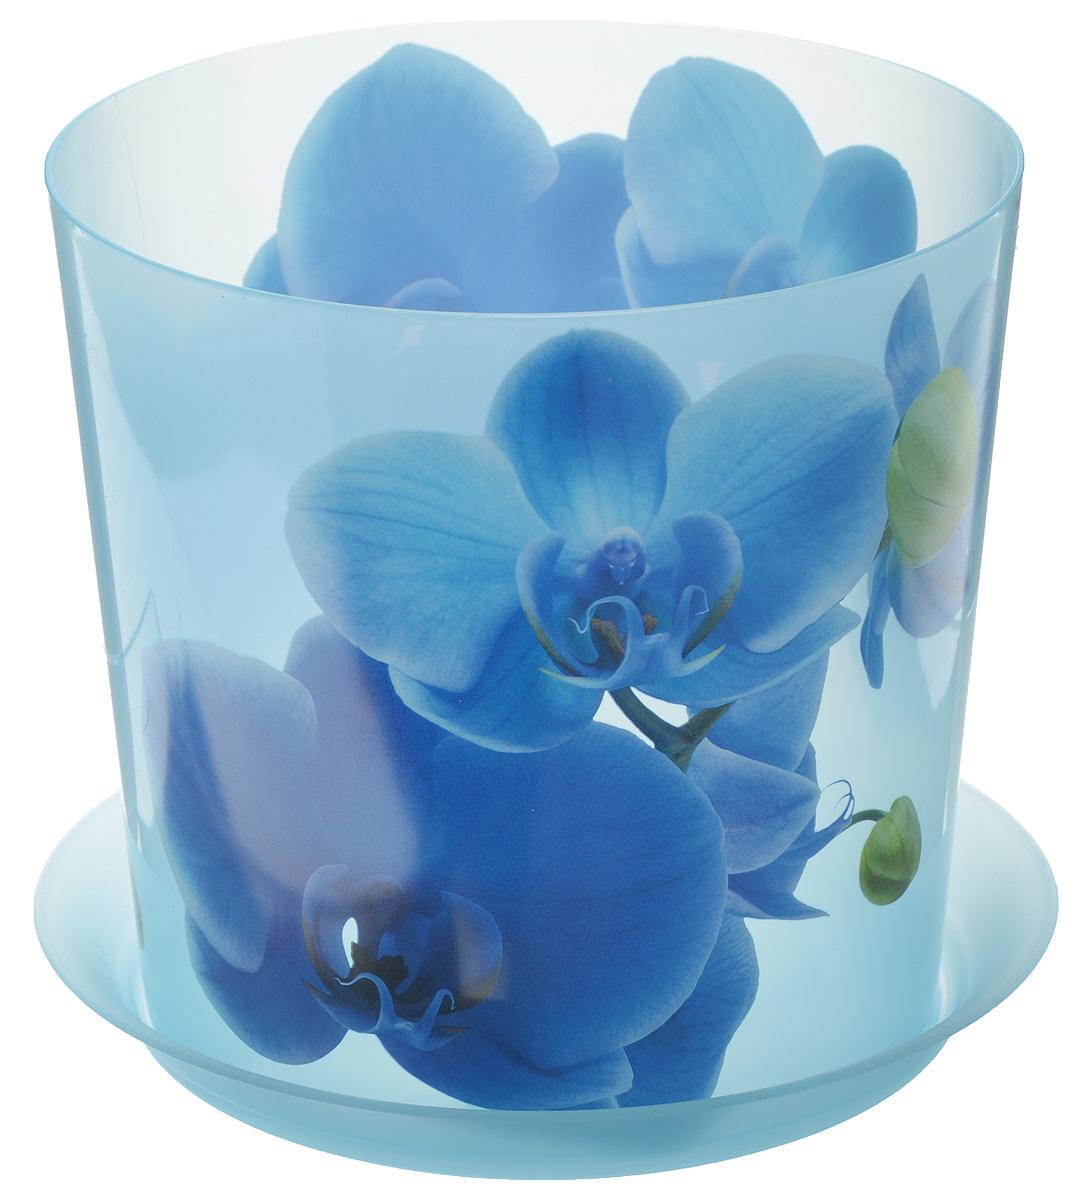 Кашпо Idea Деко, с подставкой, цвет: голубой, 2,4 лМ 3106Кашпо Idea Деко изготовлено из высококачественного полипропилена. Специальный поддон предназначен для стока воды. Изделие прекрасно подходит для выращивания растений и цветов в домашних условиях. Лаконичный дизайн впишется в интерьер любого помещения. Диаметр поддона: 17,5 см. Диаметр кашпо по верхнему краю: 16 см.Высота кашпо: 15 см.Объем кашпо: 2,4 л.